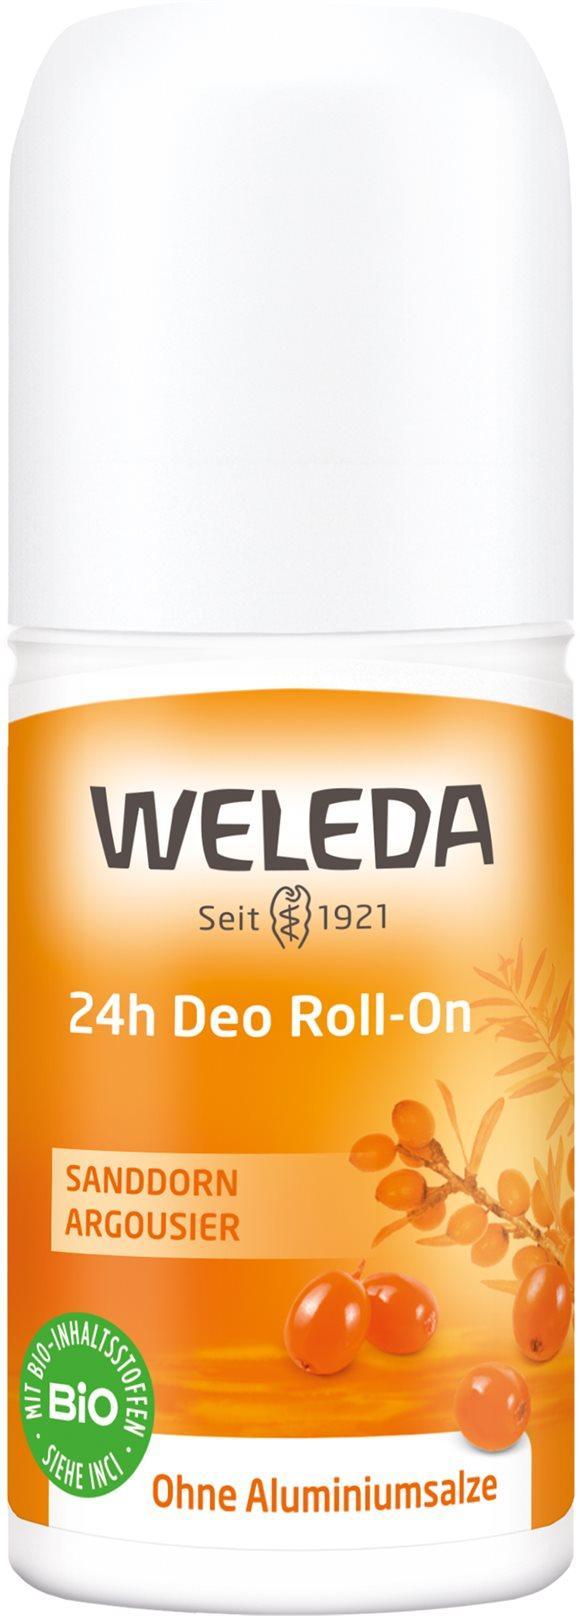 WELEDA Sanddorn 24h Deo Roll on 50 ml